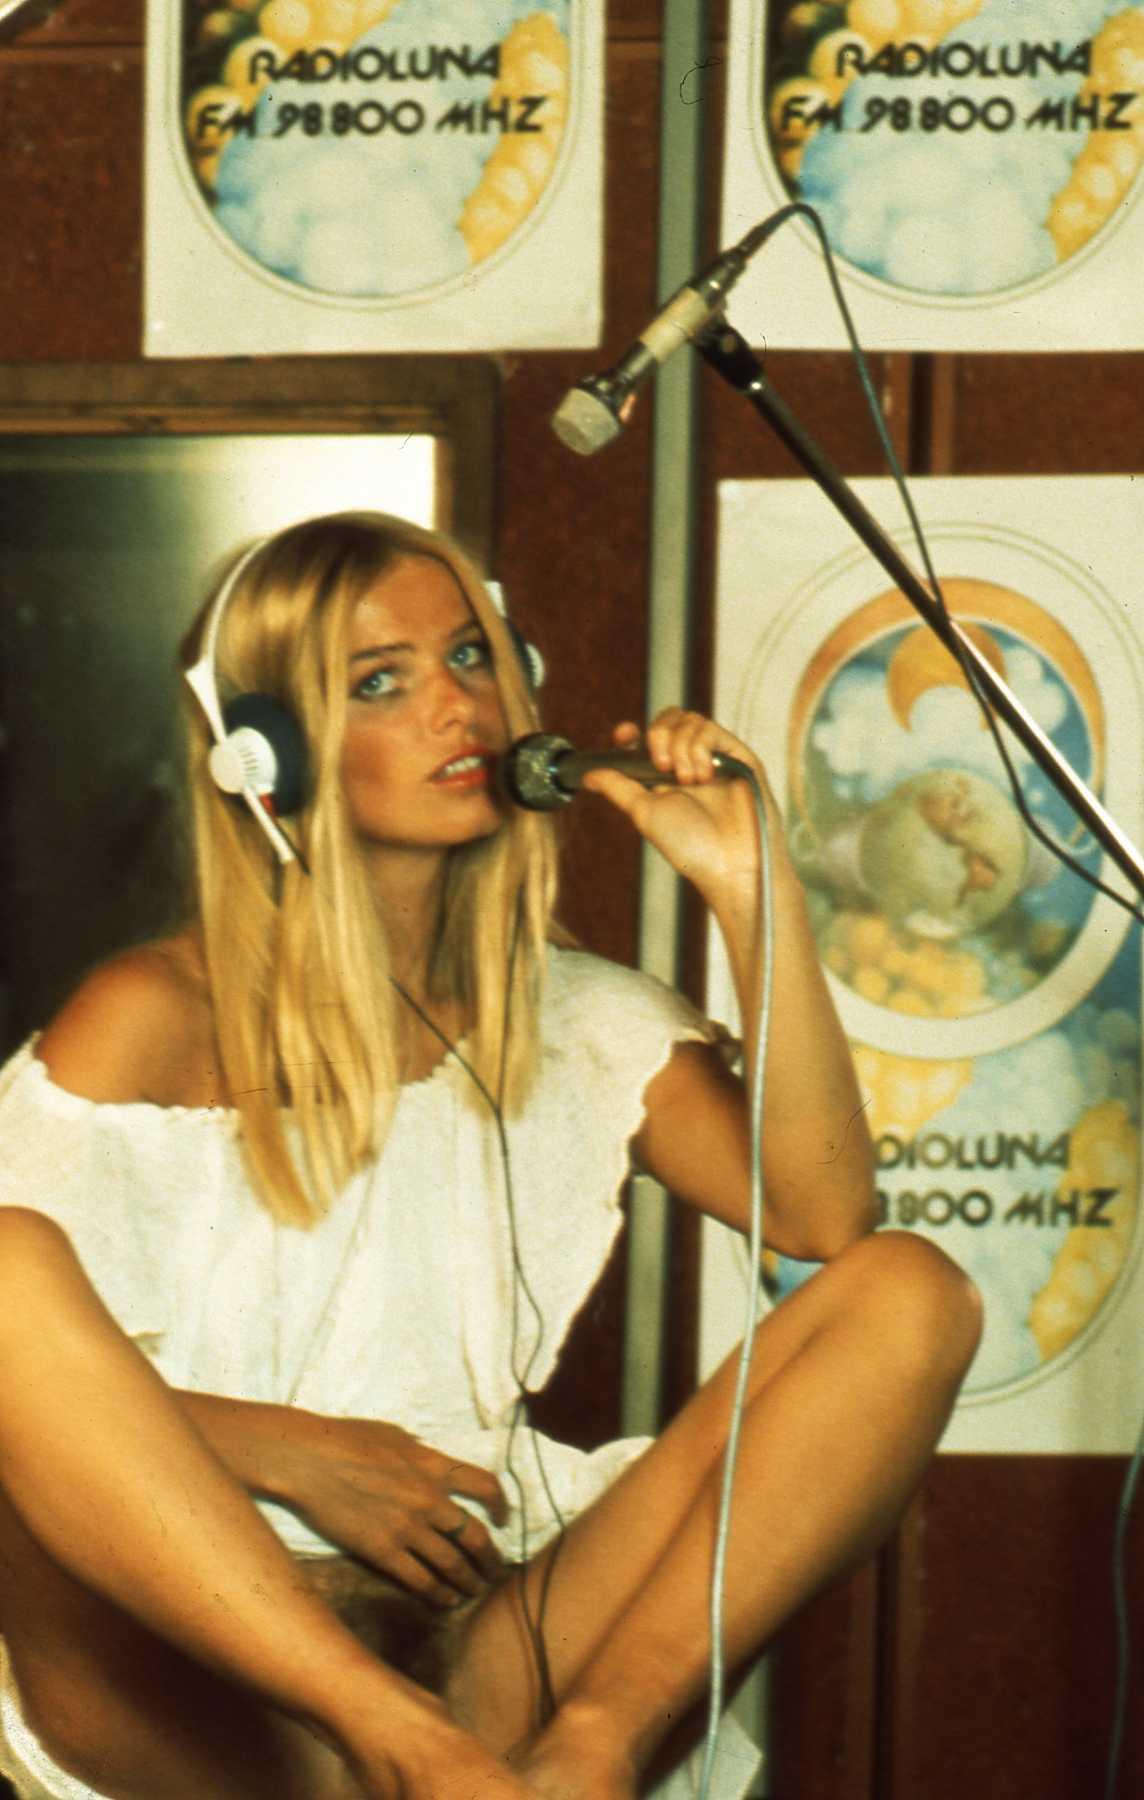 Radio luna staller ilona nuda - Storia della radiotelevisione italiana. Roma, 1980: GBR Antenna Italia, prima rete nazionale interconnessa?